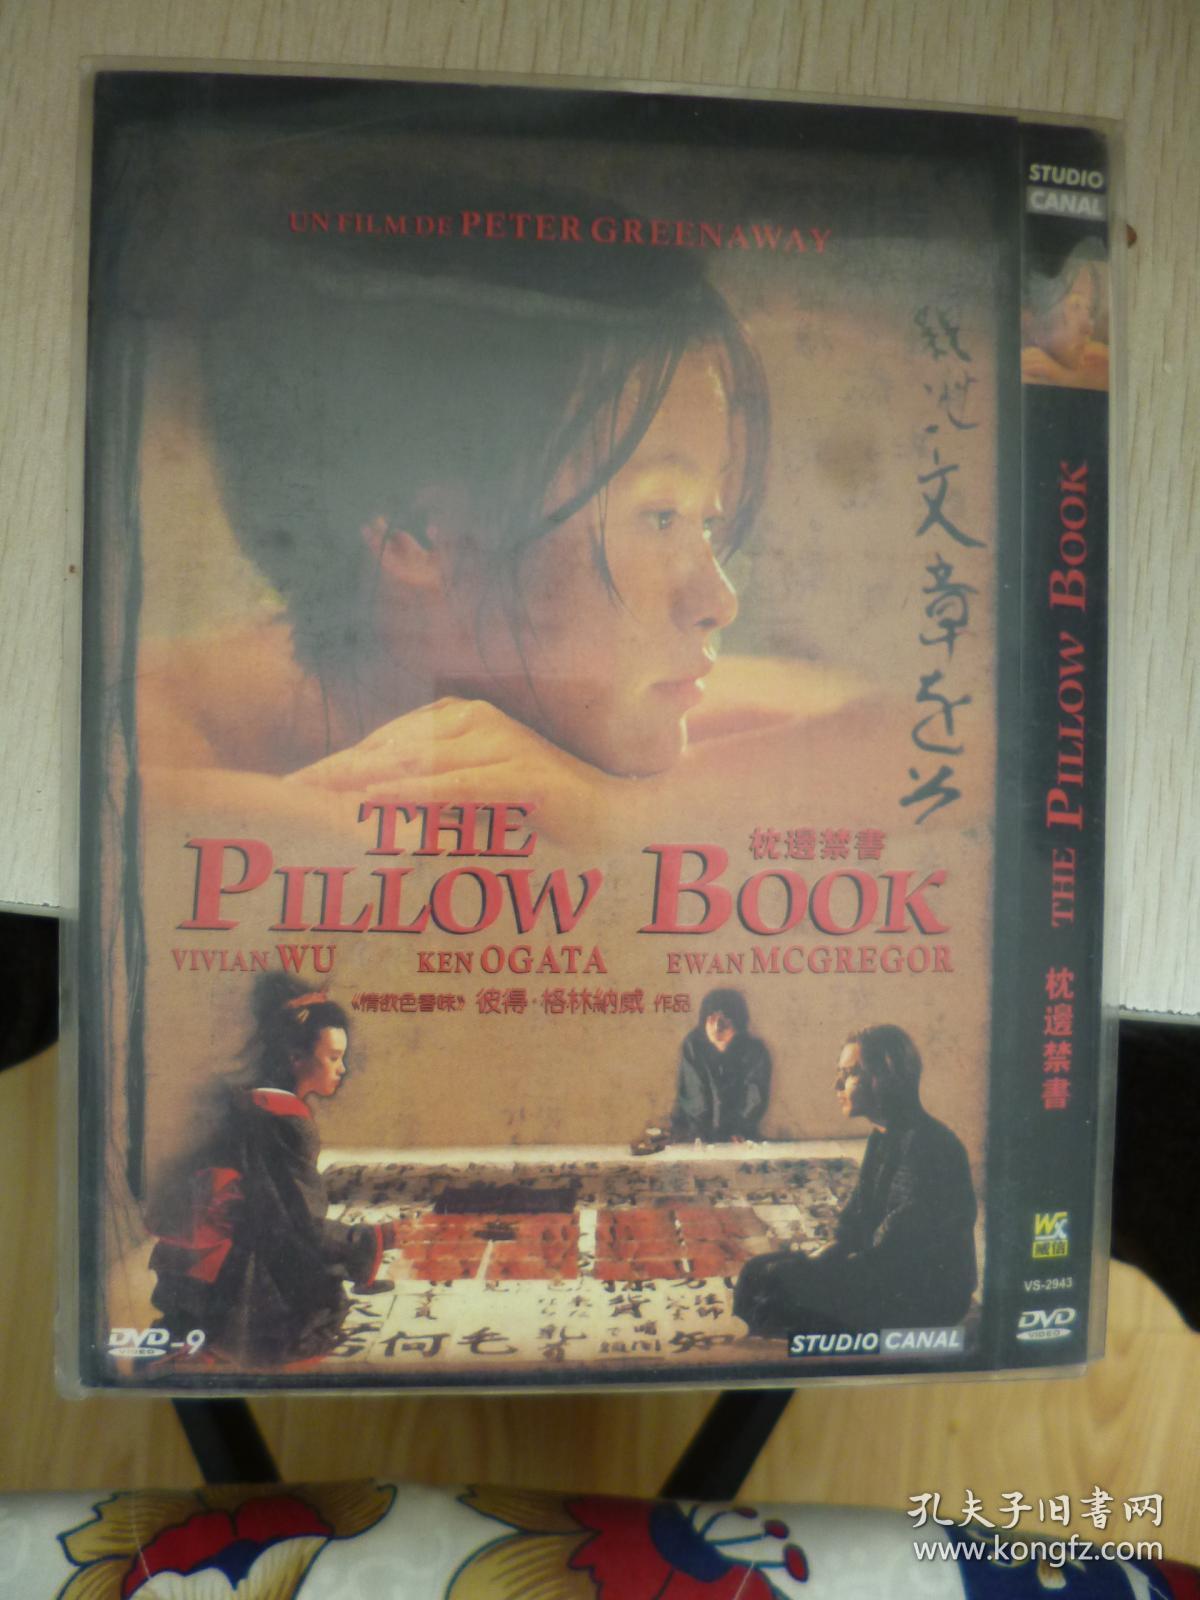 性爱小�9��9d����9��_d9 枕边书 the pillow book 又名: 性爱宝典枕边书